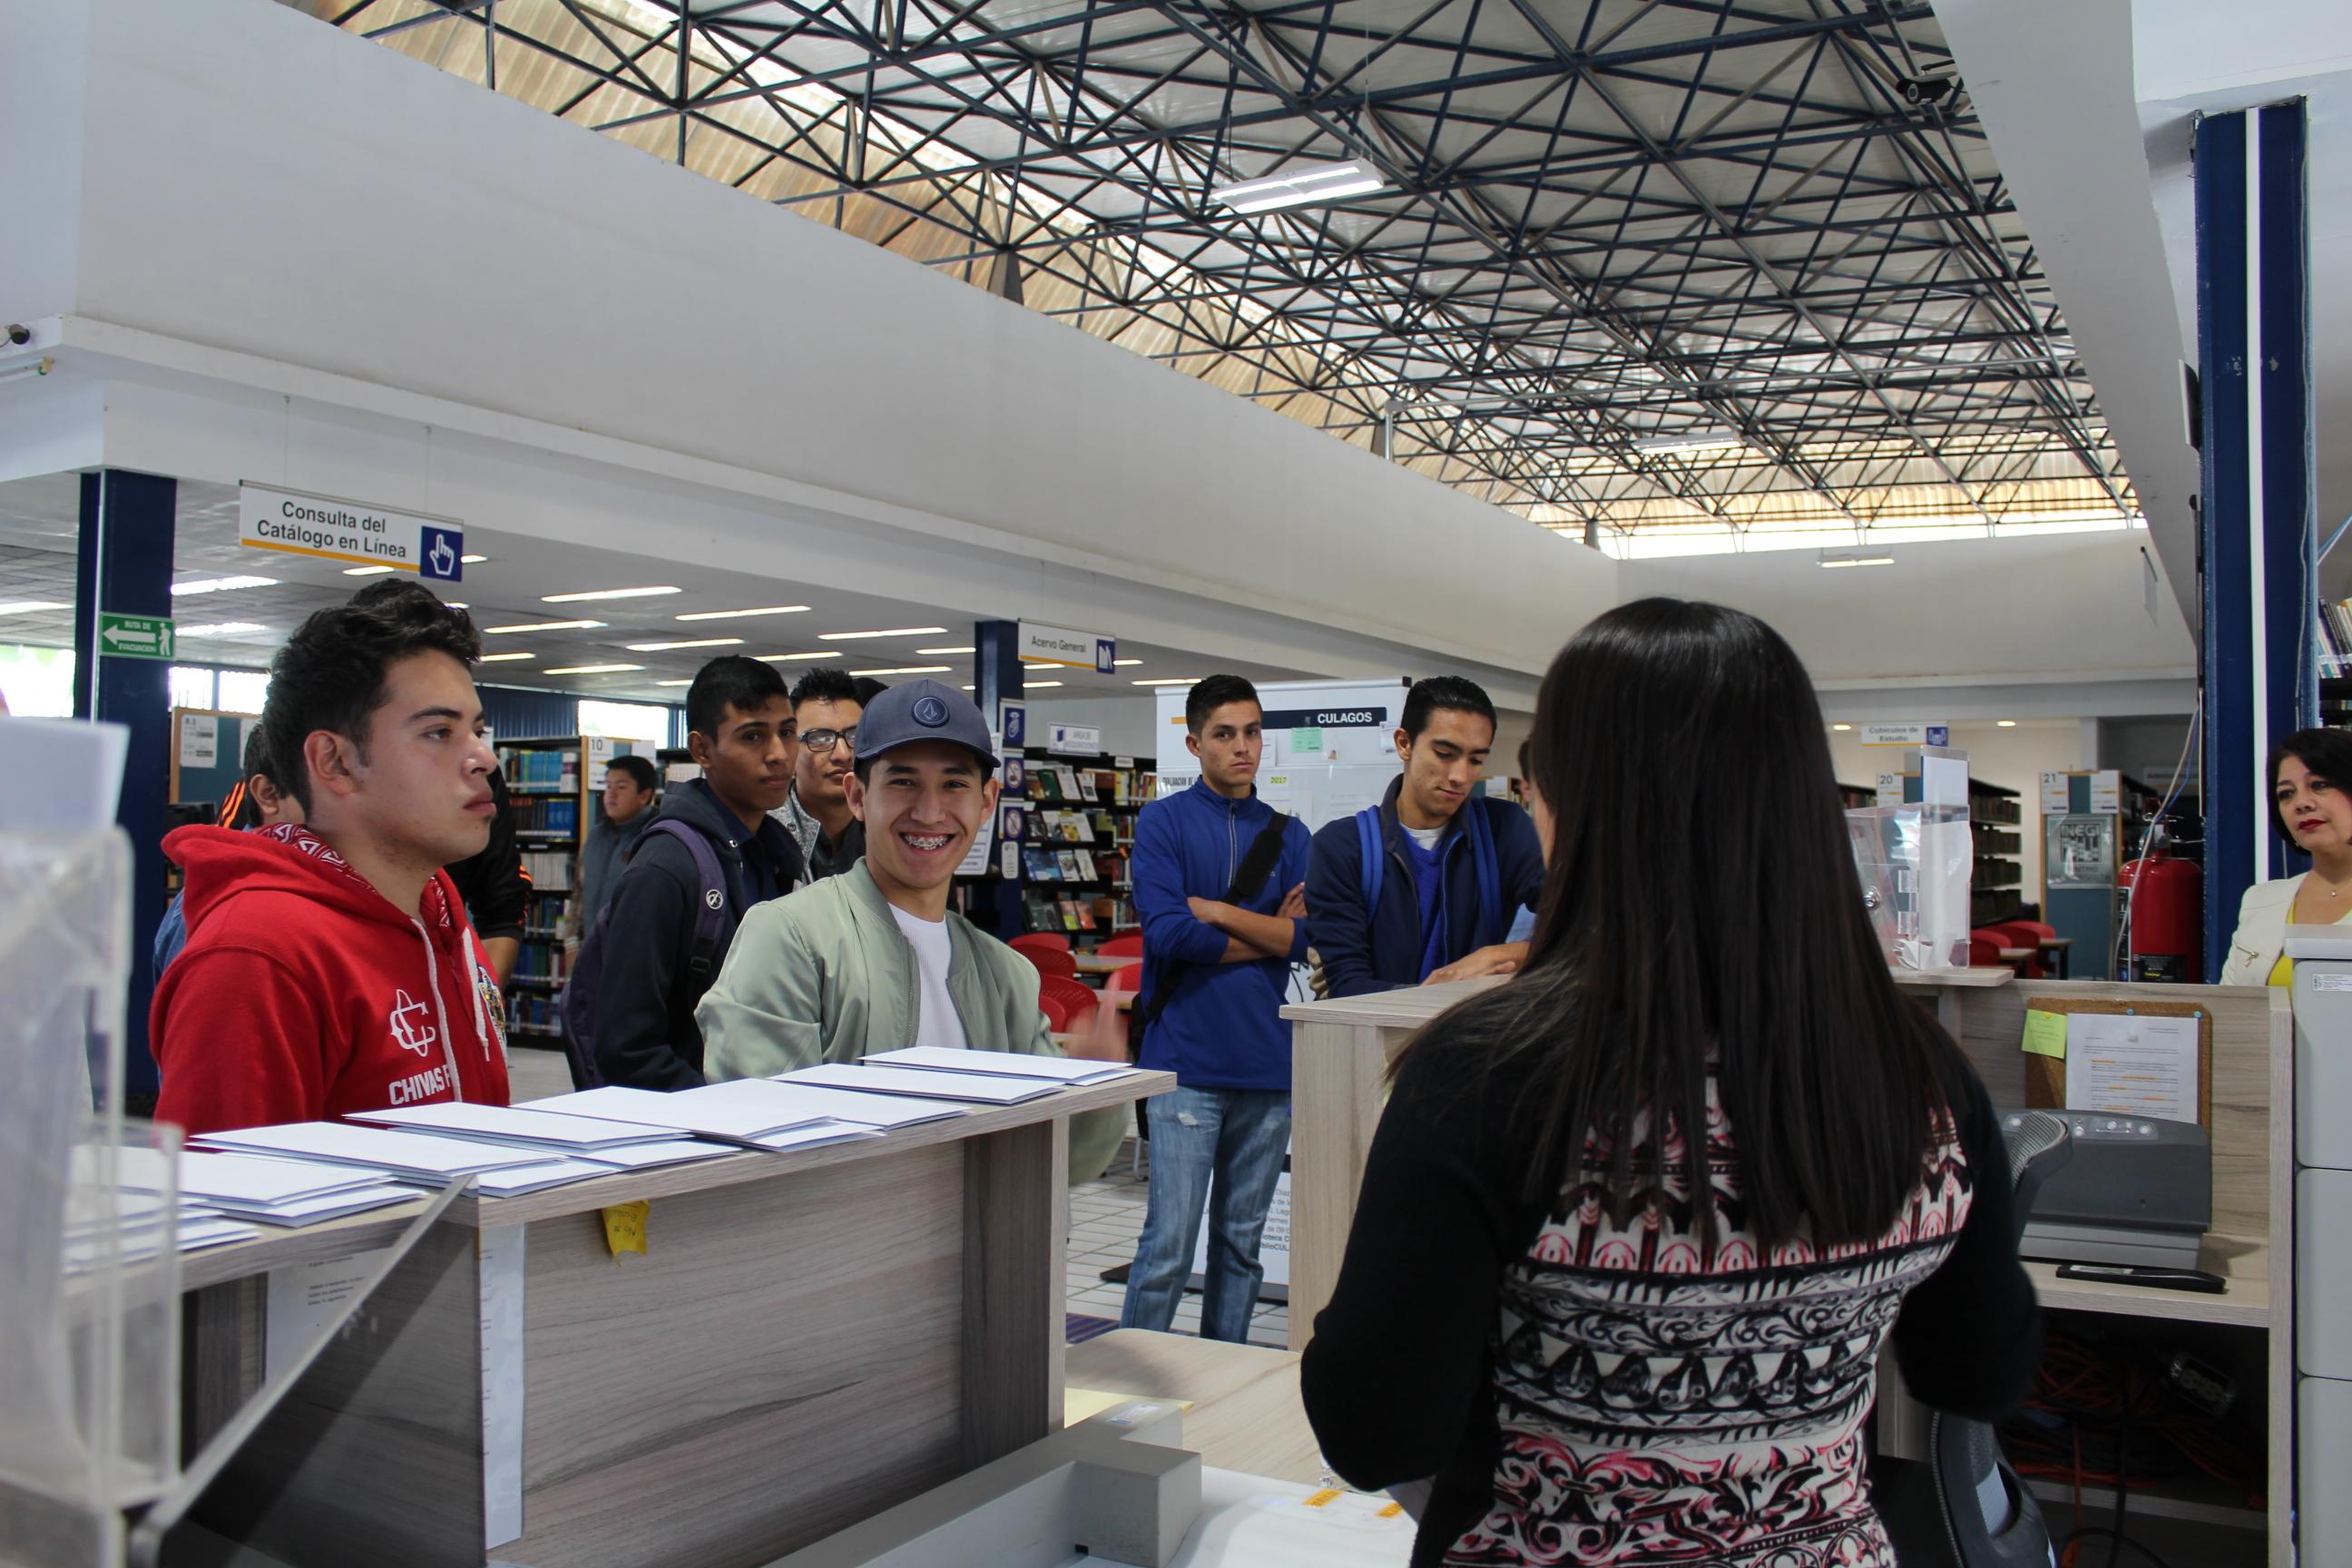 Estudiantes de nuevo ingreso en la biblioteca, recibiendo instrucciones sobre su reto